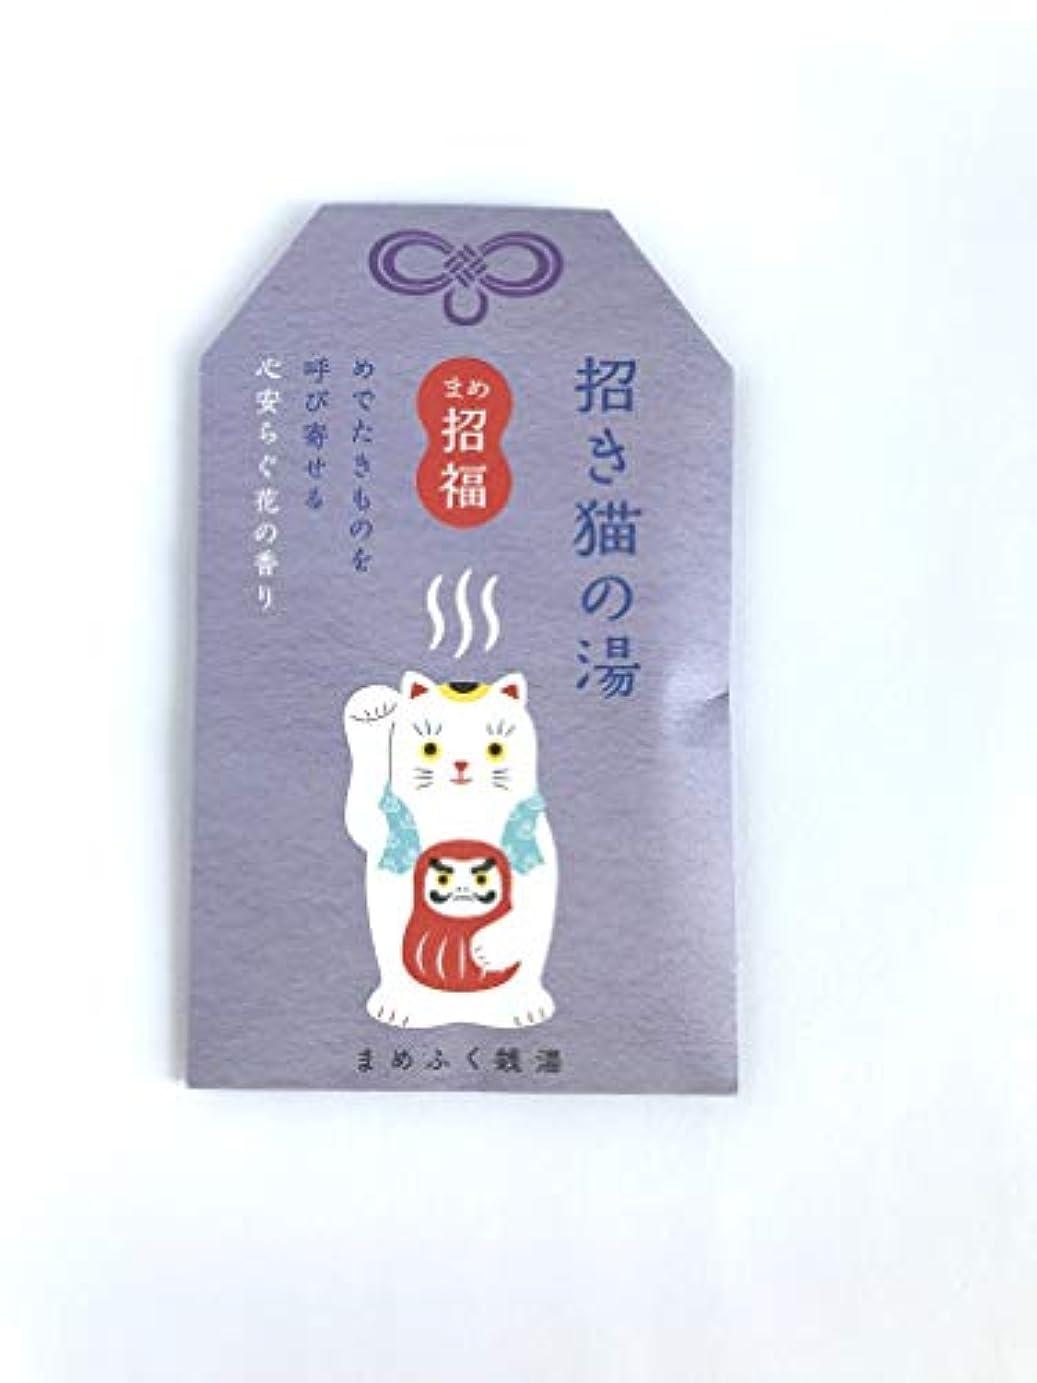 彼らは東方虹まめふく銭湯 [医薬部外品]《ちっちゃくて愛らしい縁起物たちの入浴剤》招き猫の湯